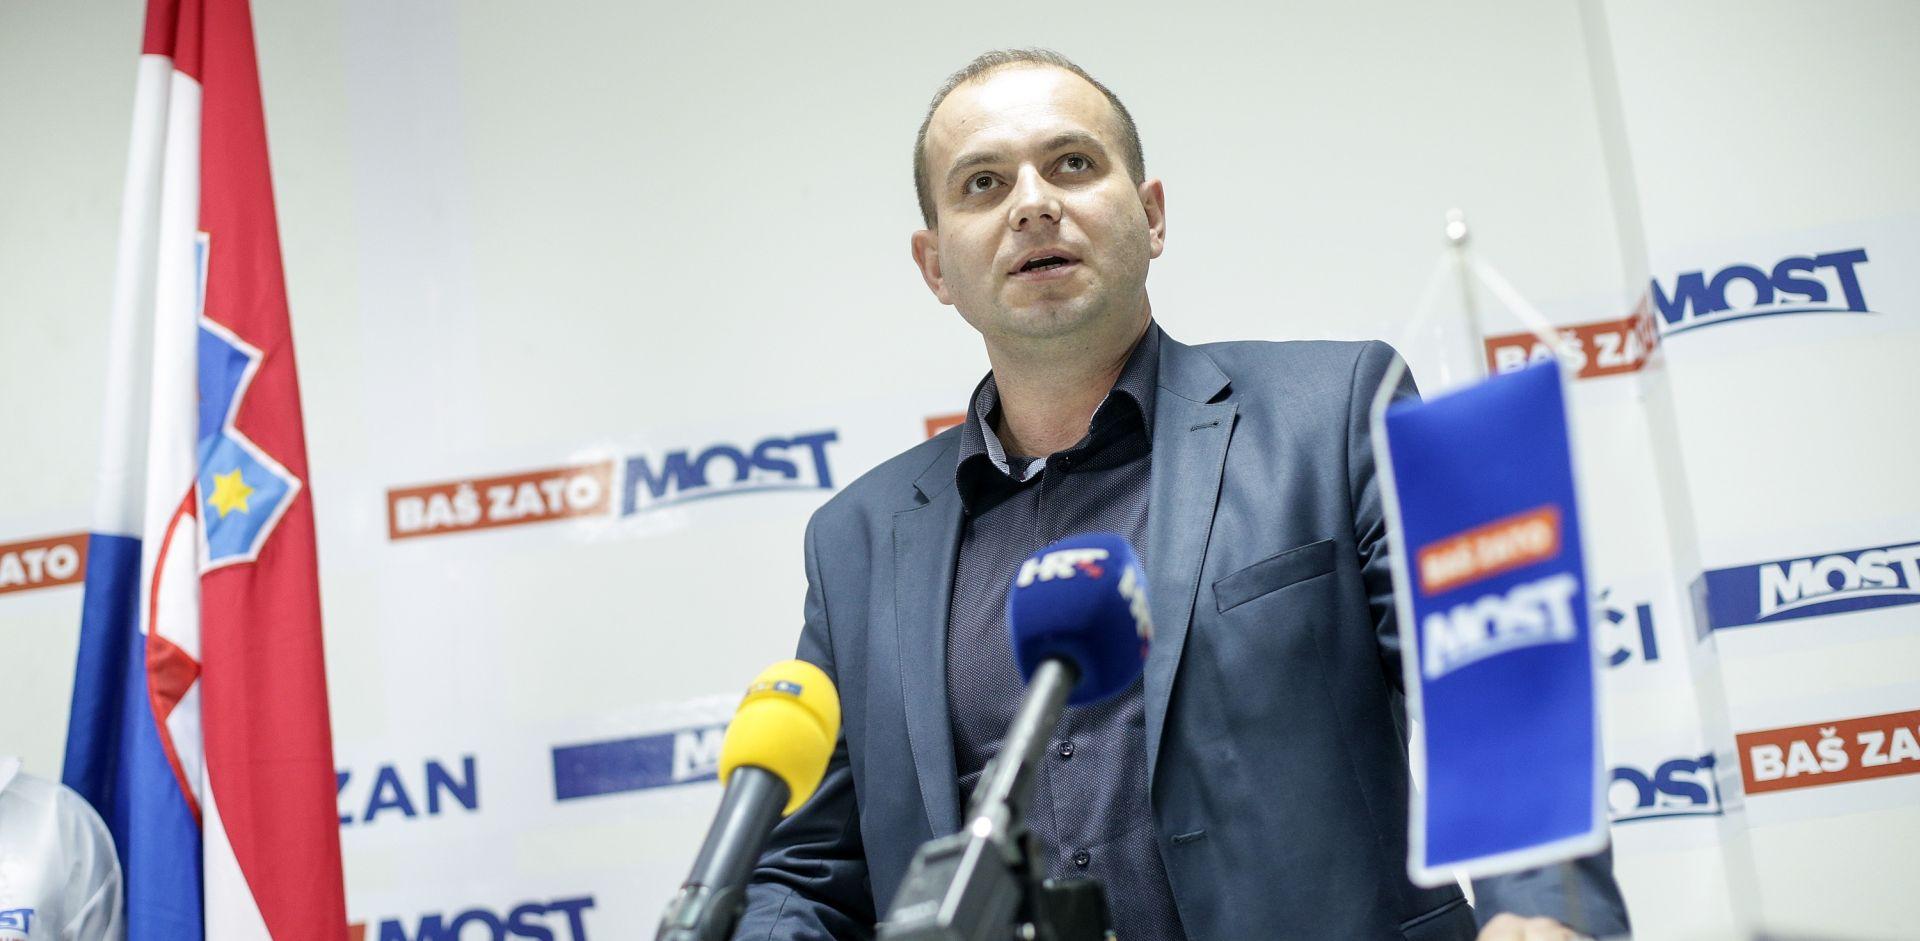 Zastupnik Miroslav Šimić s liste Mosta napustio Građansku opciju grada Osijeka (GOGO)